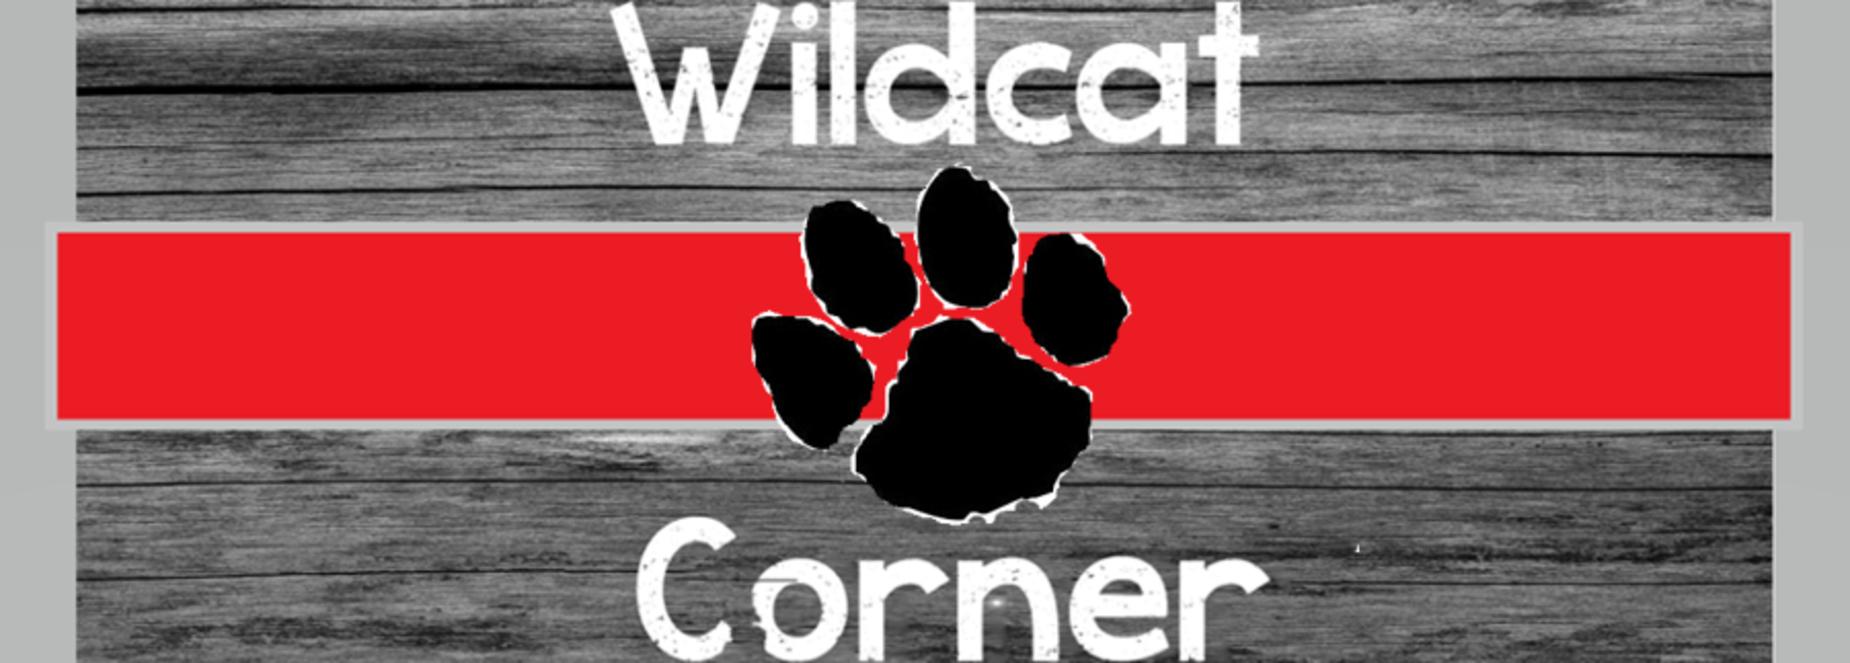 Wildcat corner